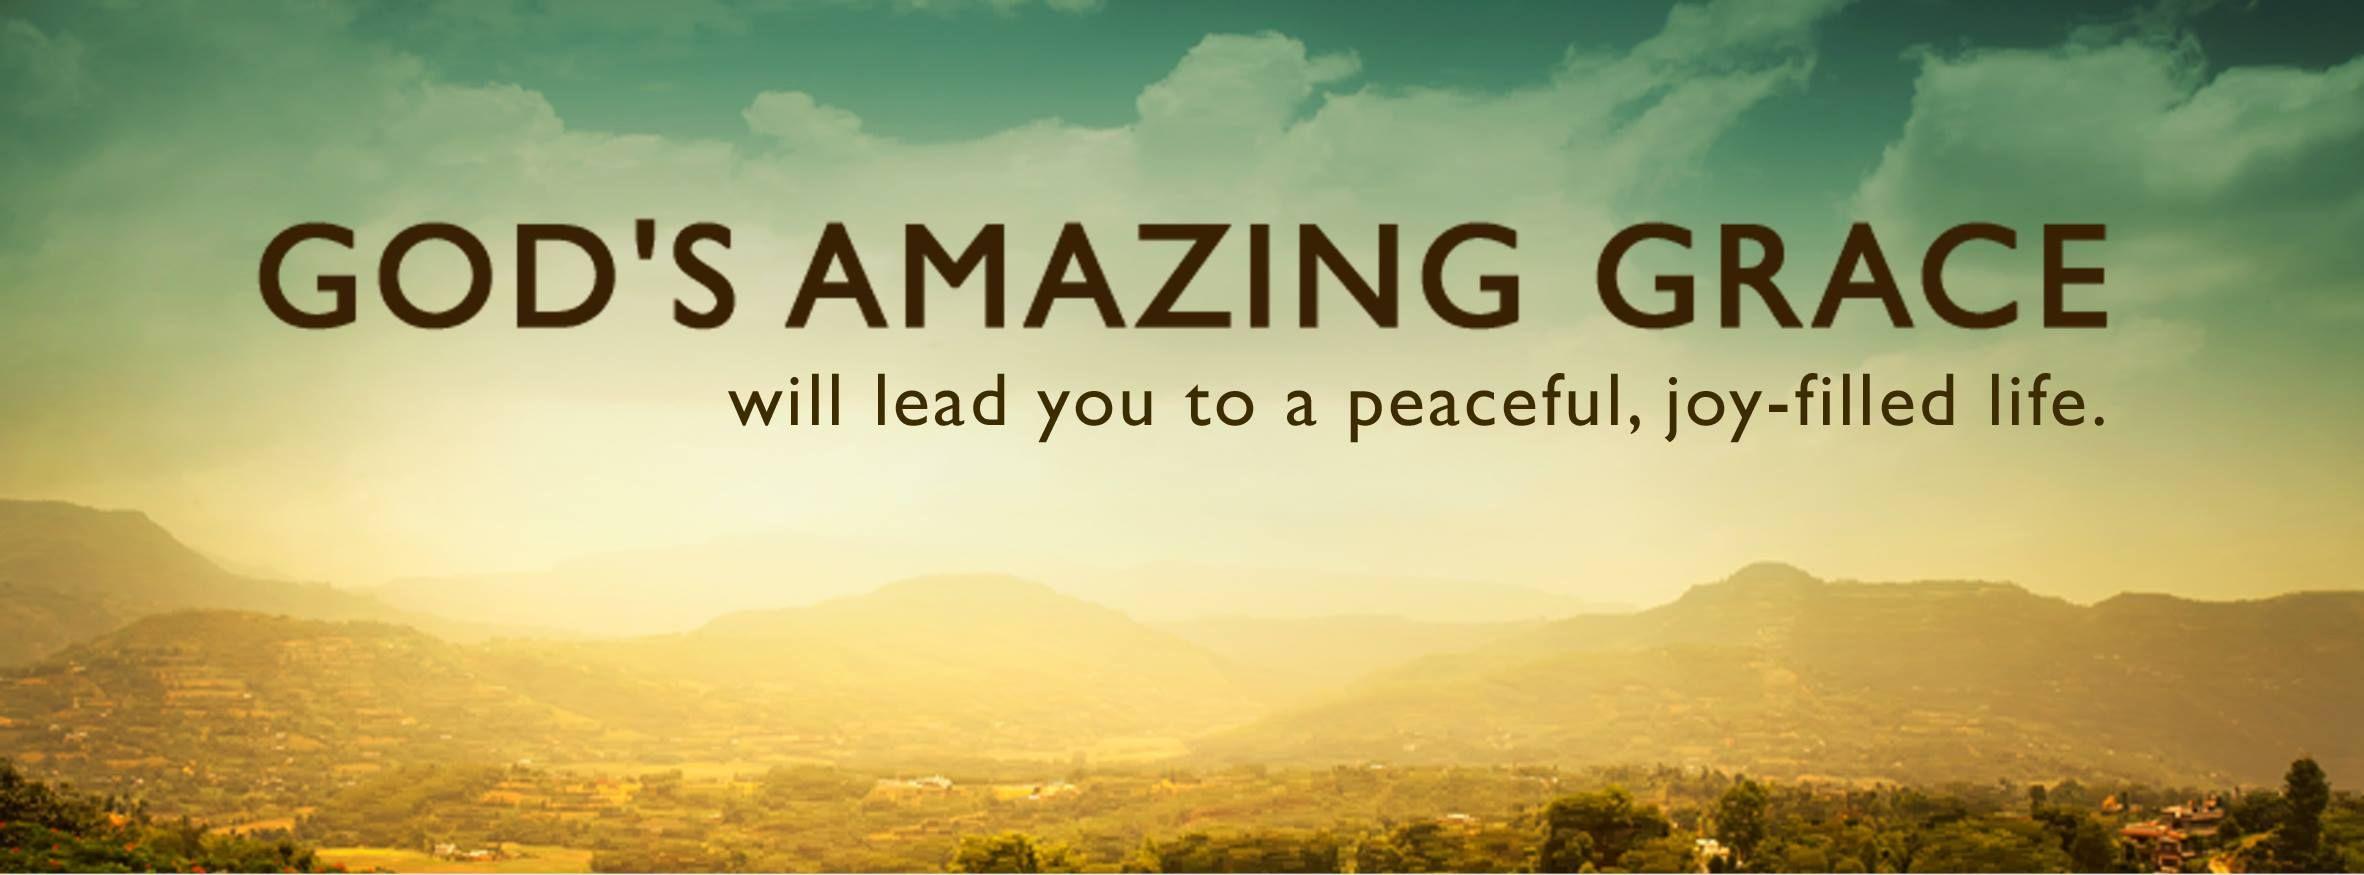 Gods Grace Quotes. QuotesGram